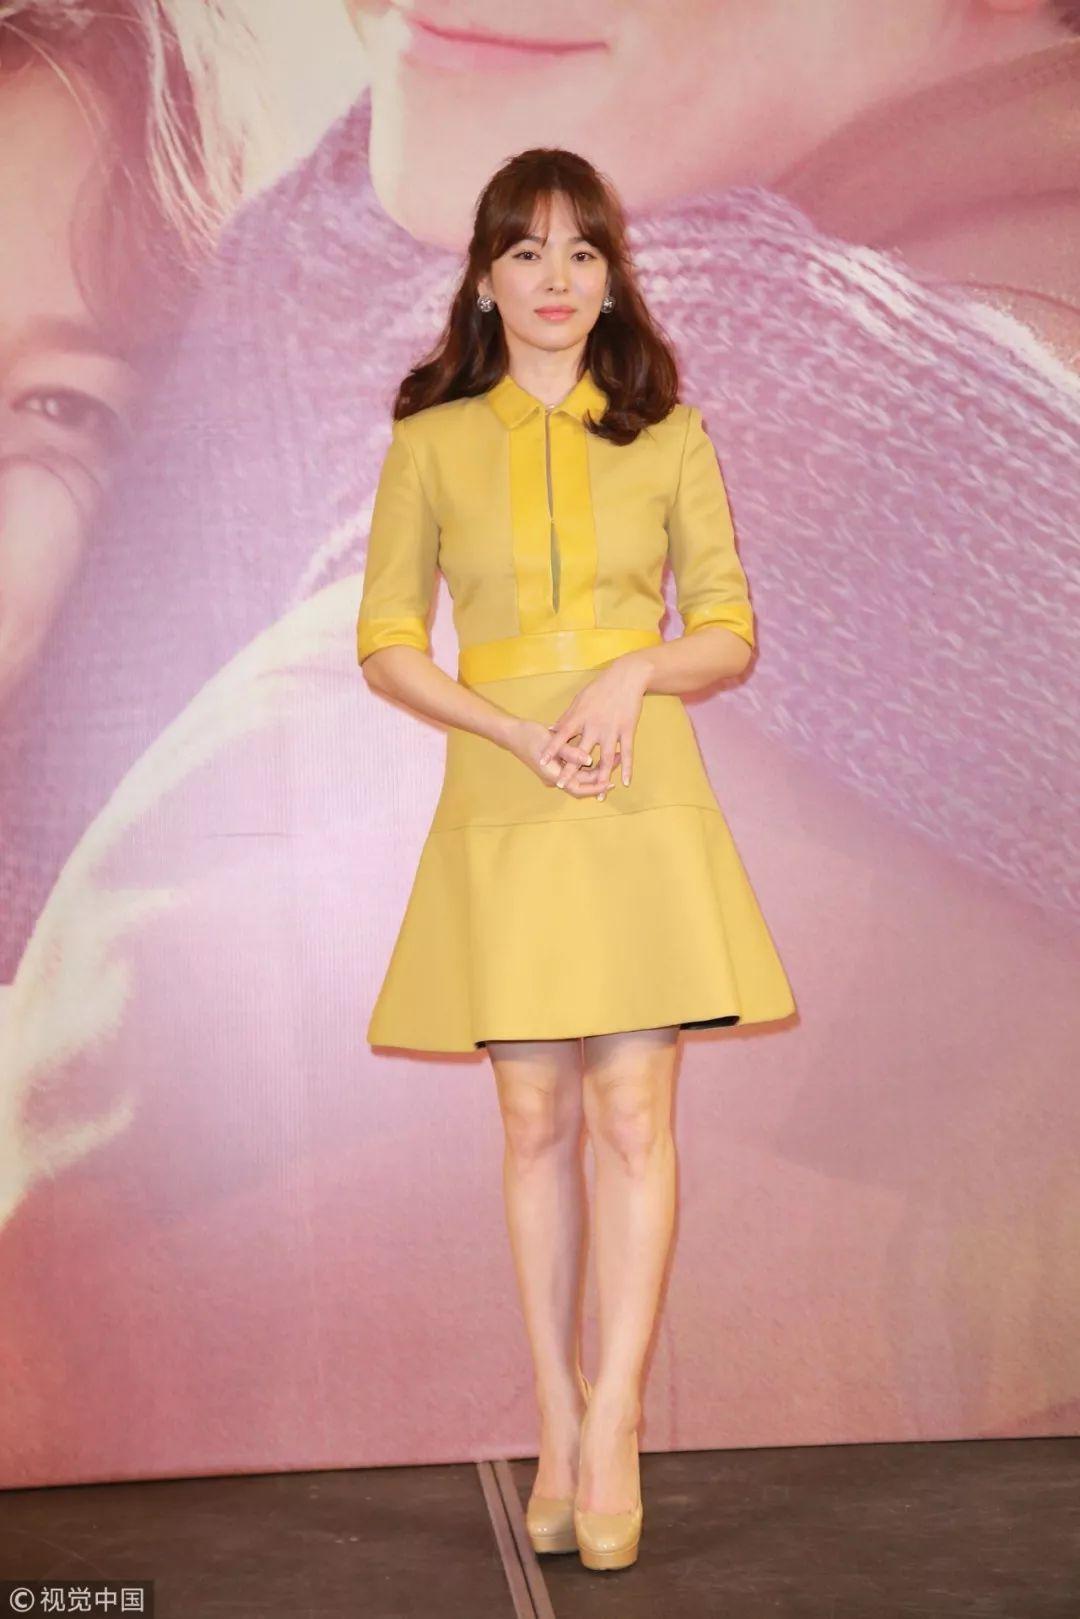 Học Song Hye Kyo 3 'bí kíp' chọn váy này, cô nàng 'nấm lùn' trông cao lên cả chục centimet, vóc dáng lại thon gọn bất ngờ - Ảnh 8